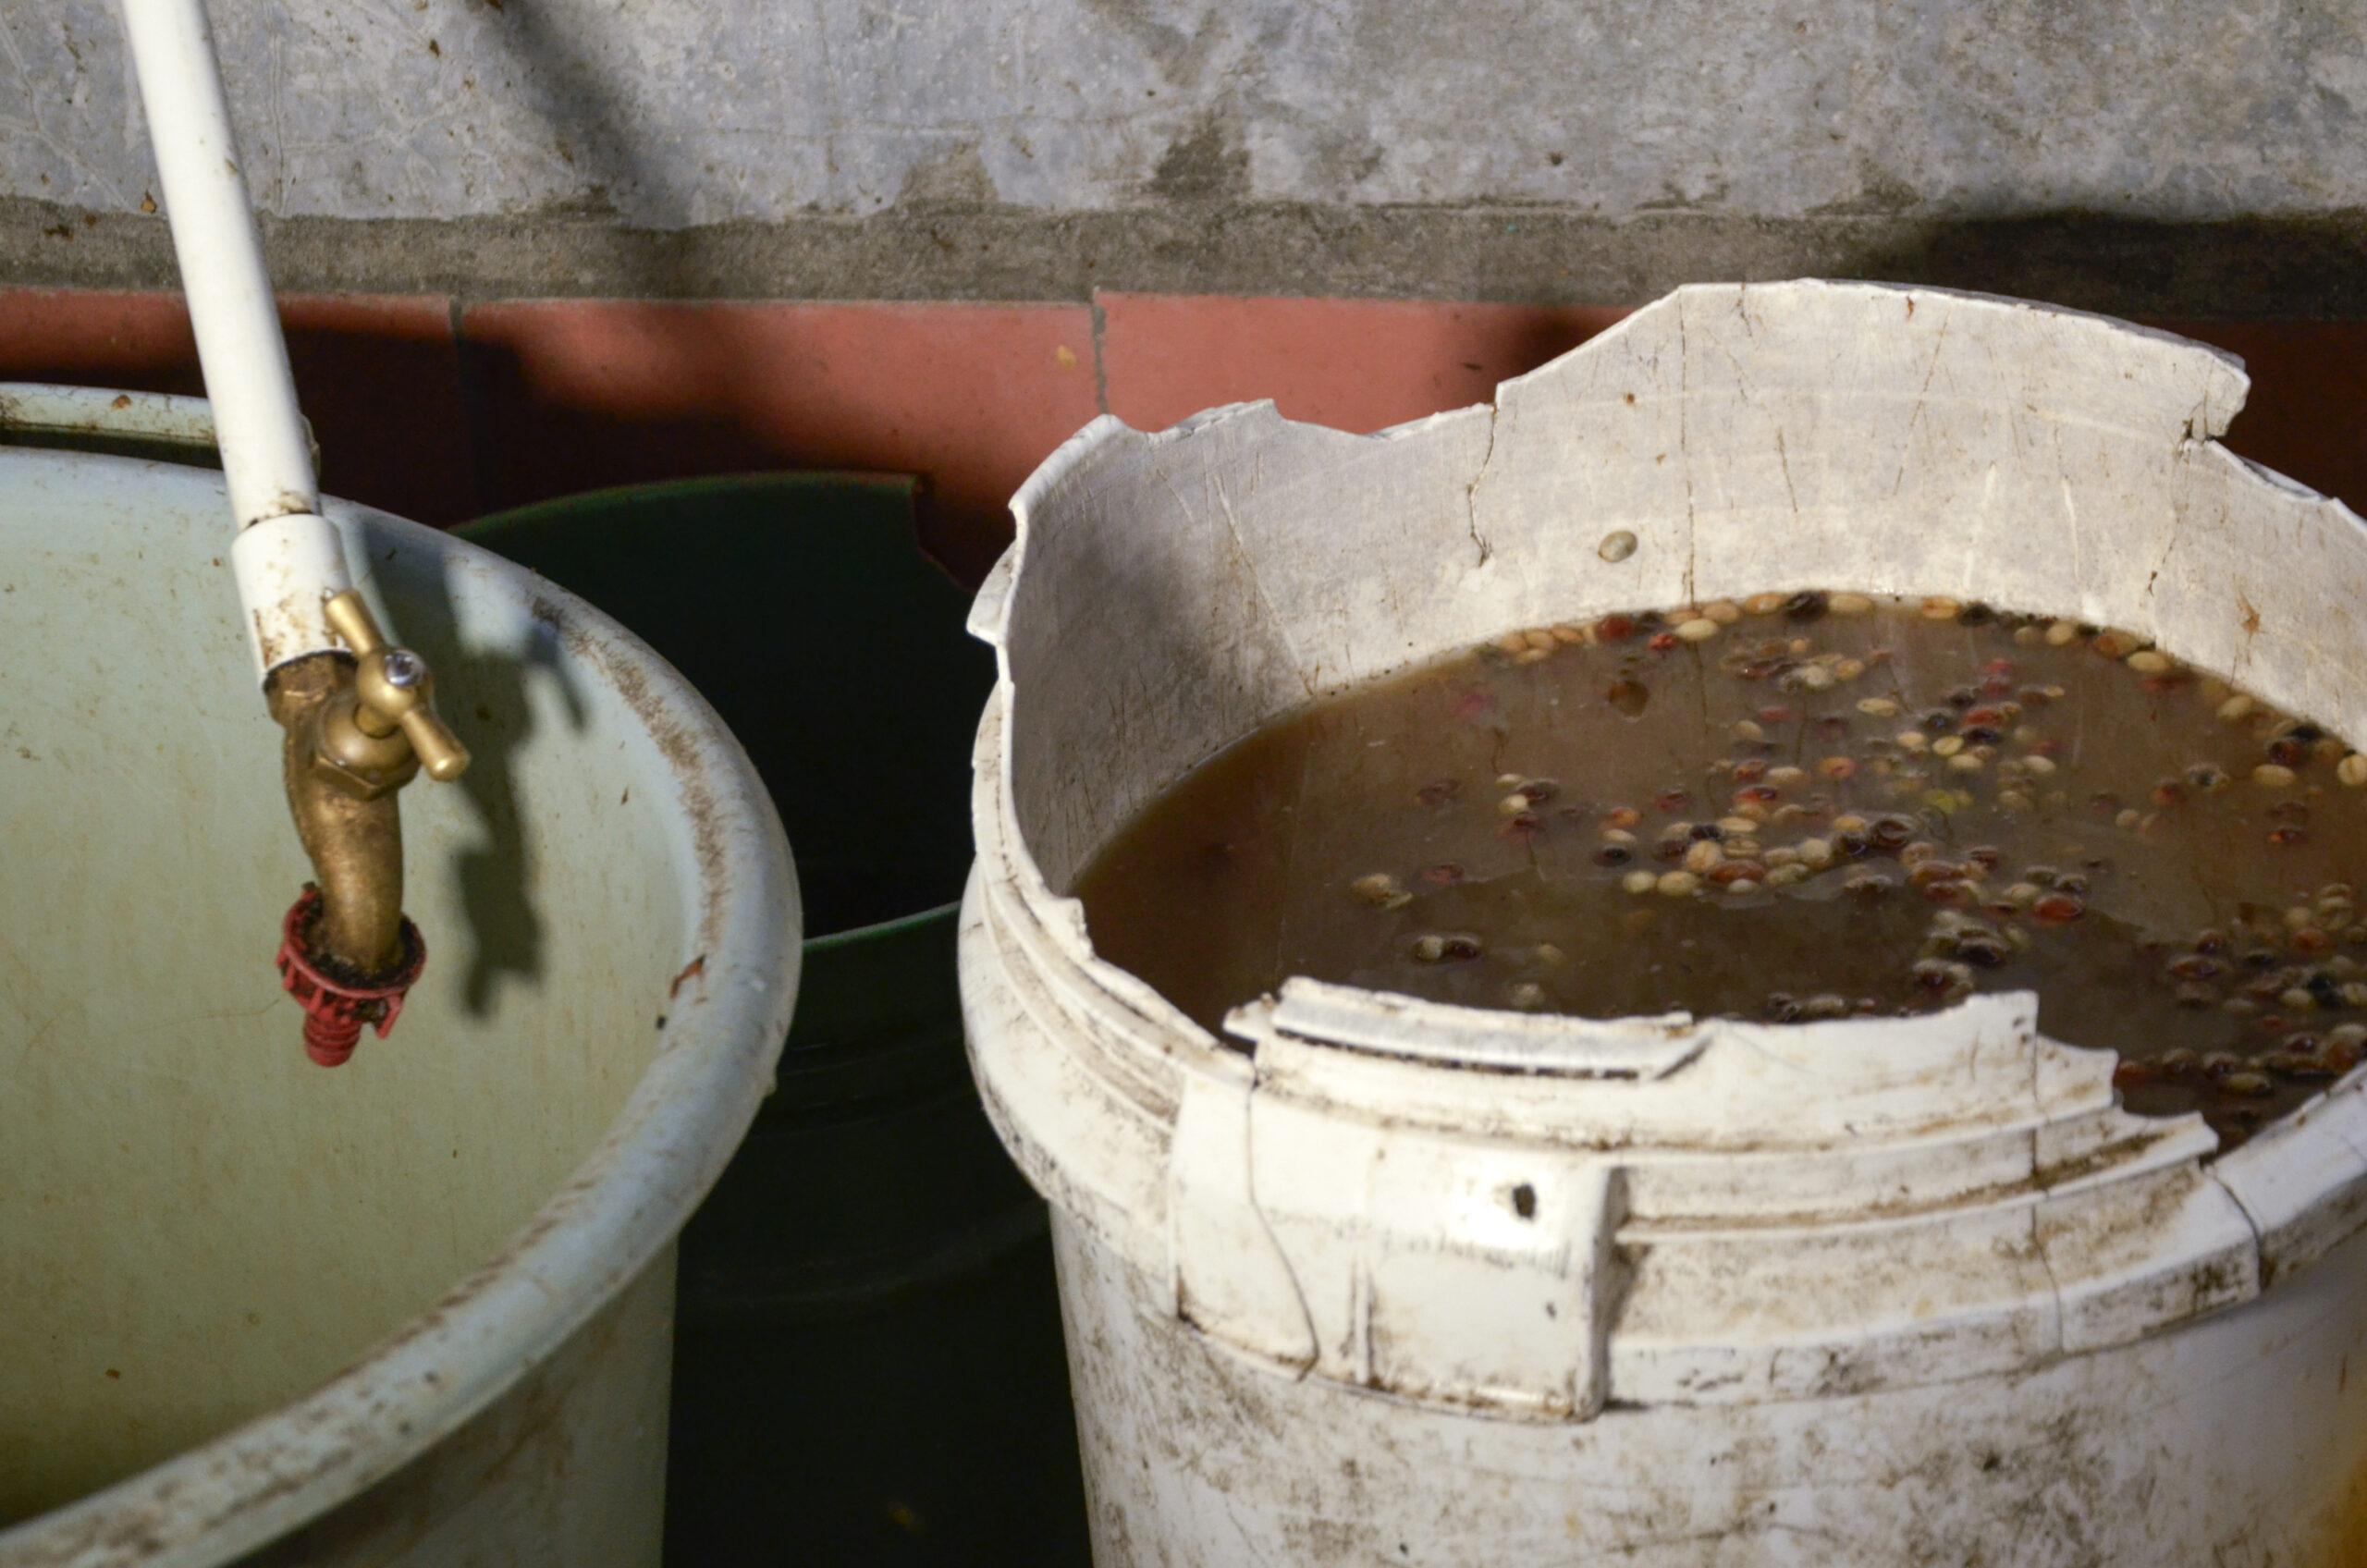 ¿Cómo tratar y usar el agua en territorios rurales para prevenir la propagación de la COVID-19?